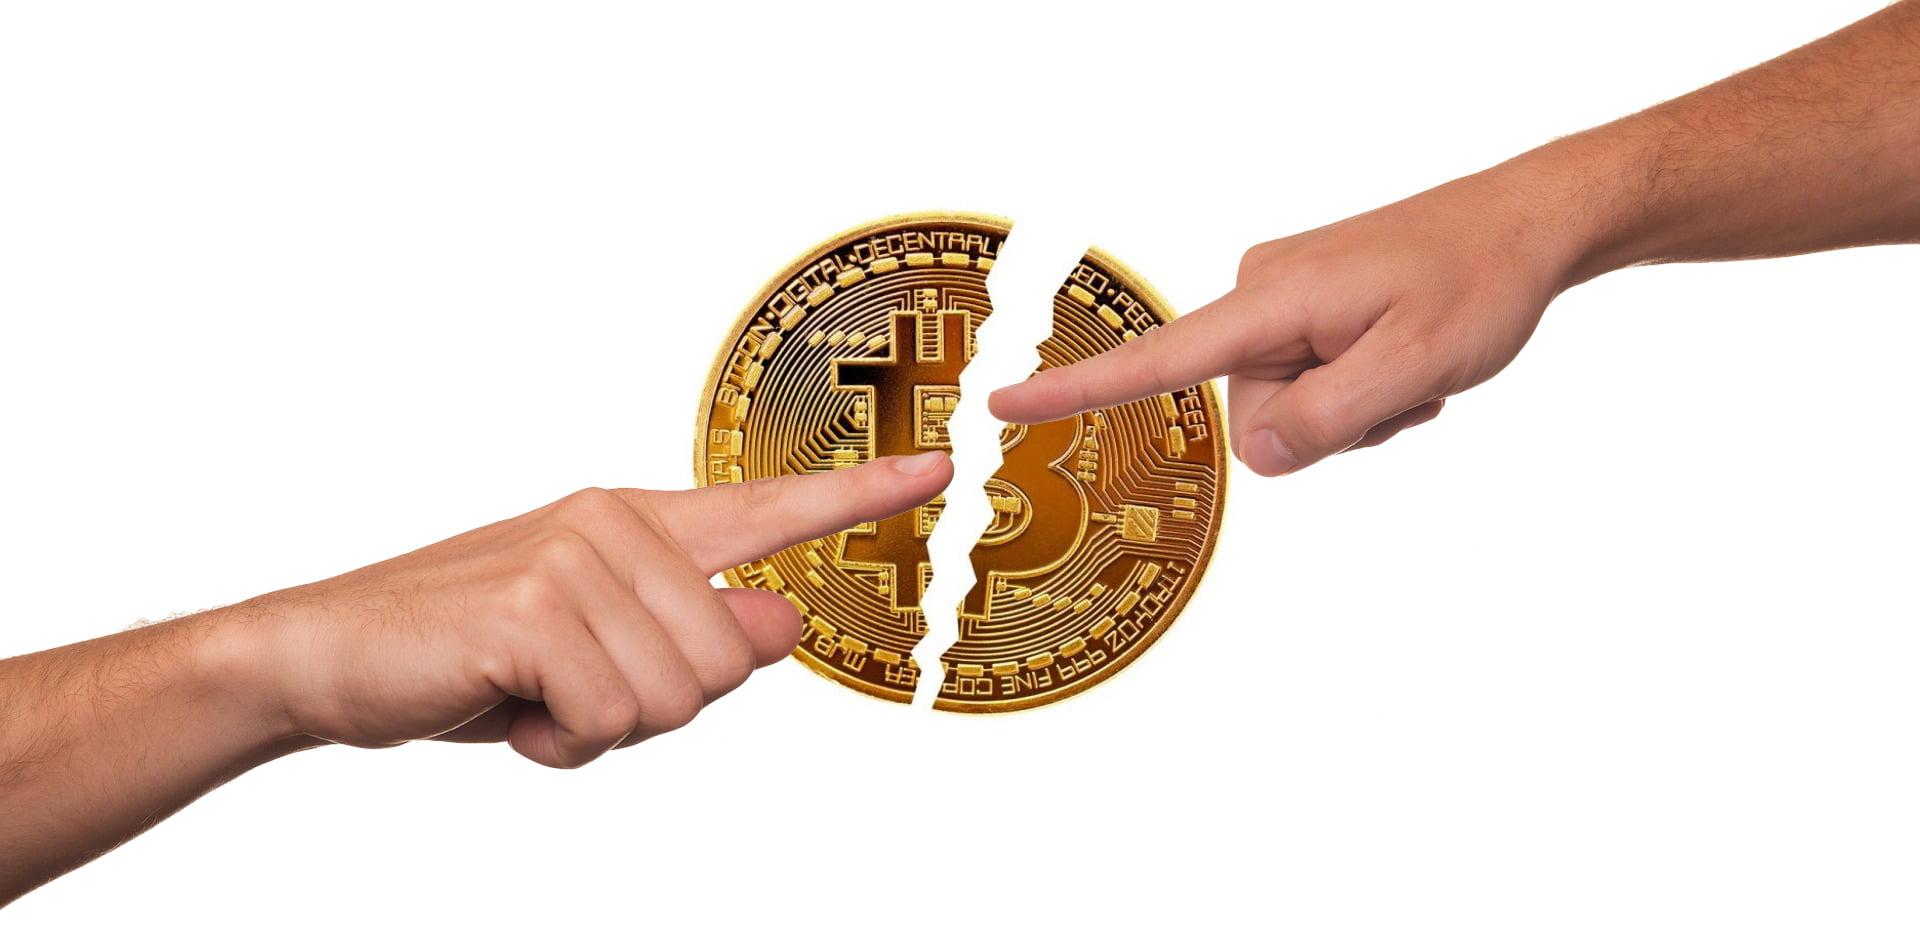 هاوینگ ارزهای دیجیتال در 2021 | معرفی چهار ارز در انتظار هاوینگ